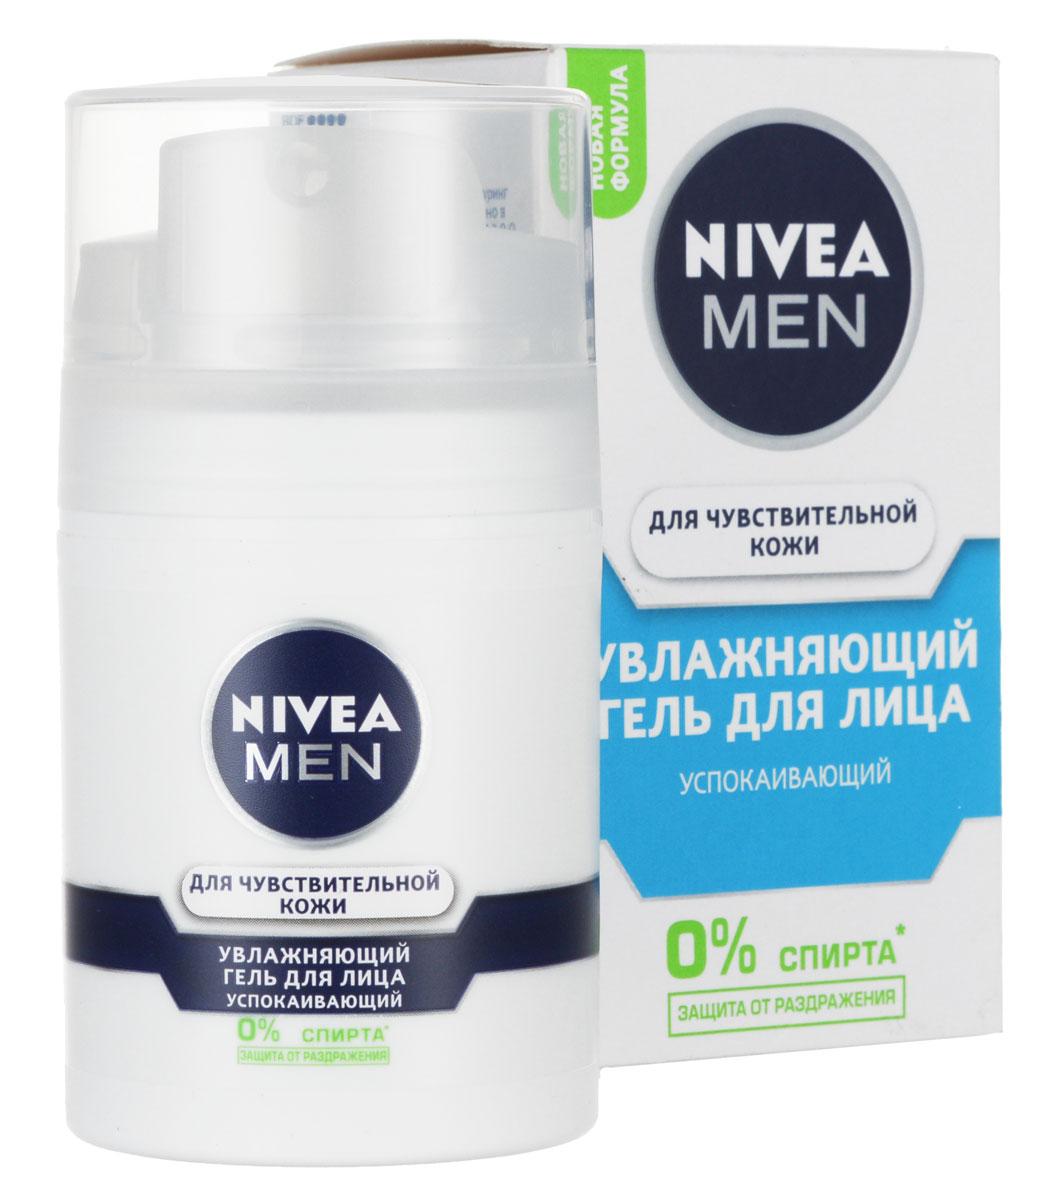 NIVEA Увлажняющий гель для лица для чувствительной кожи 50 мл 10046004